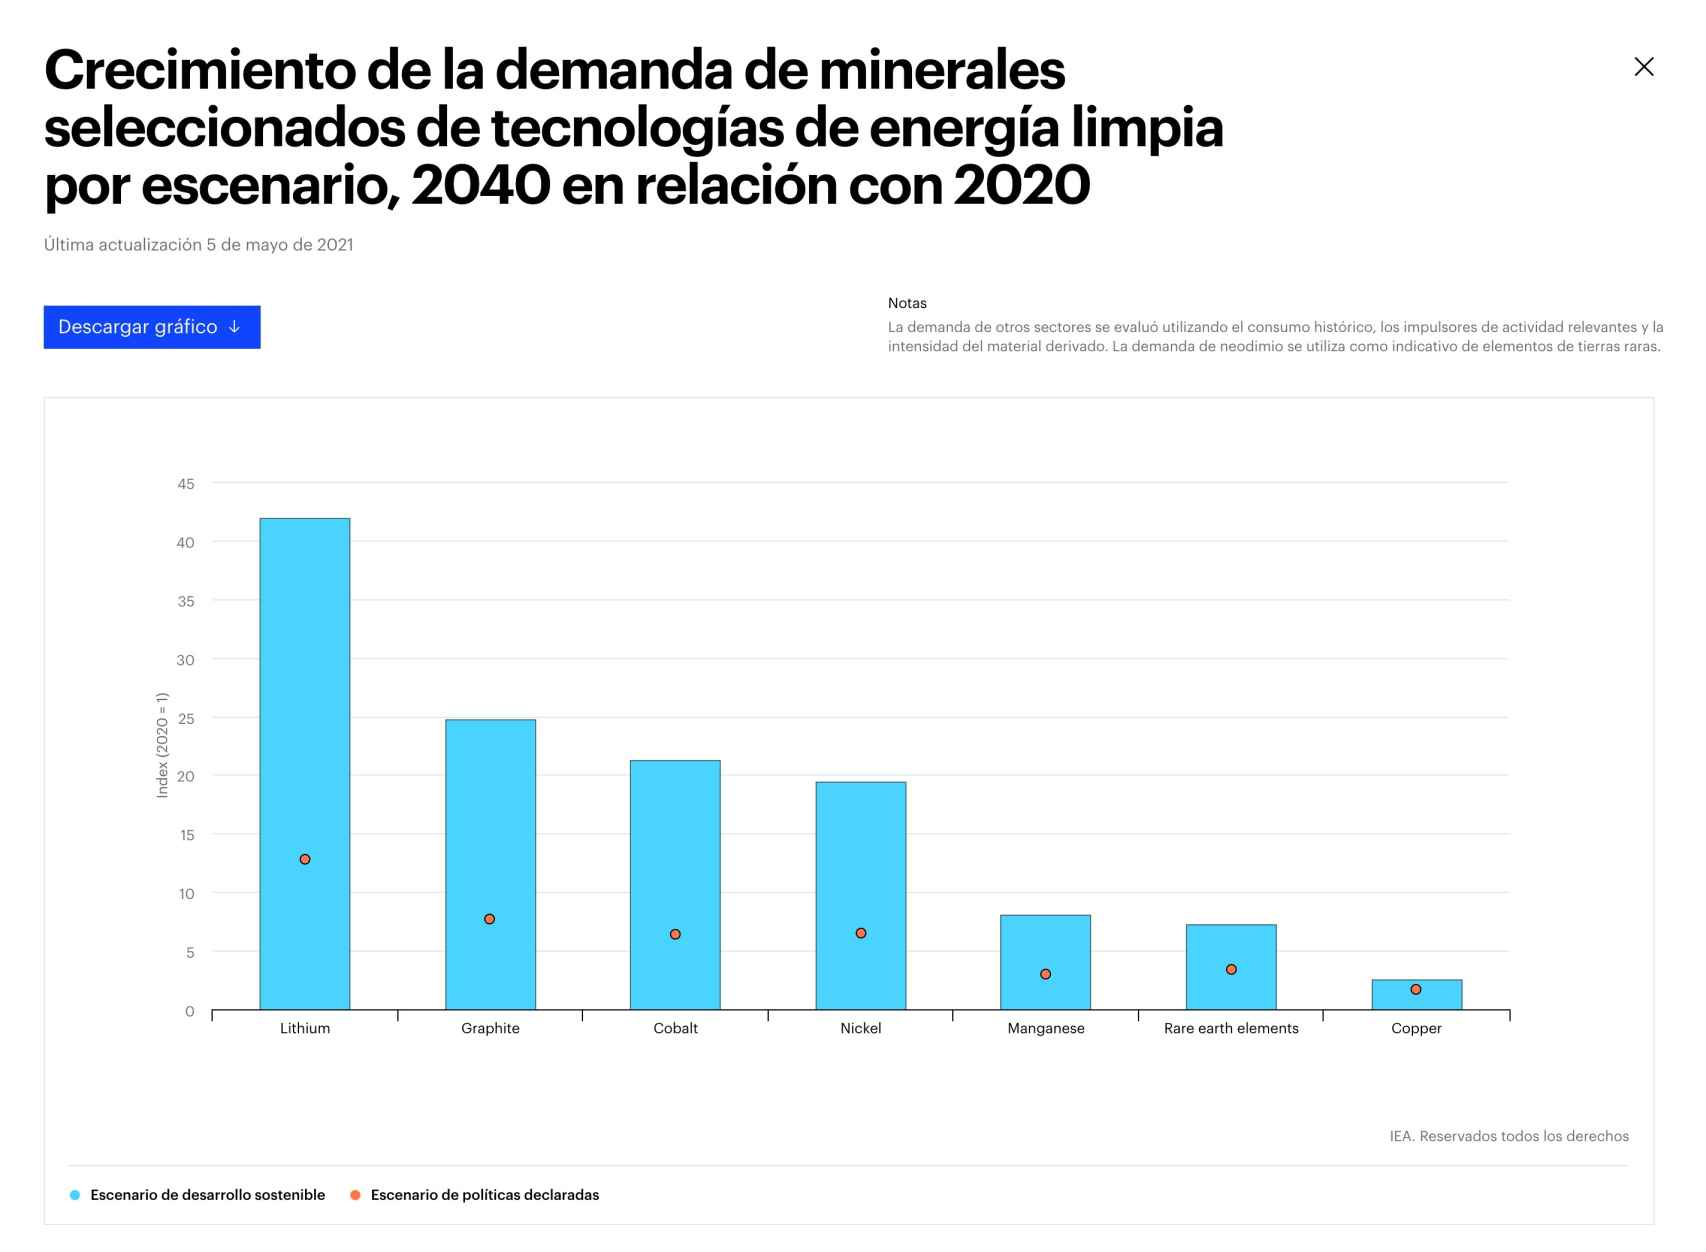 Crecimiento de la demanda de minerales seleccionados de tecnologías de energía limpia